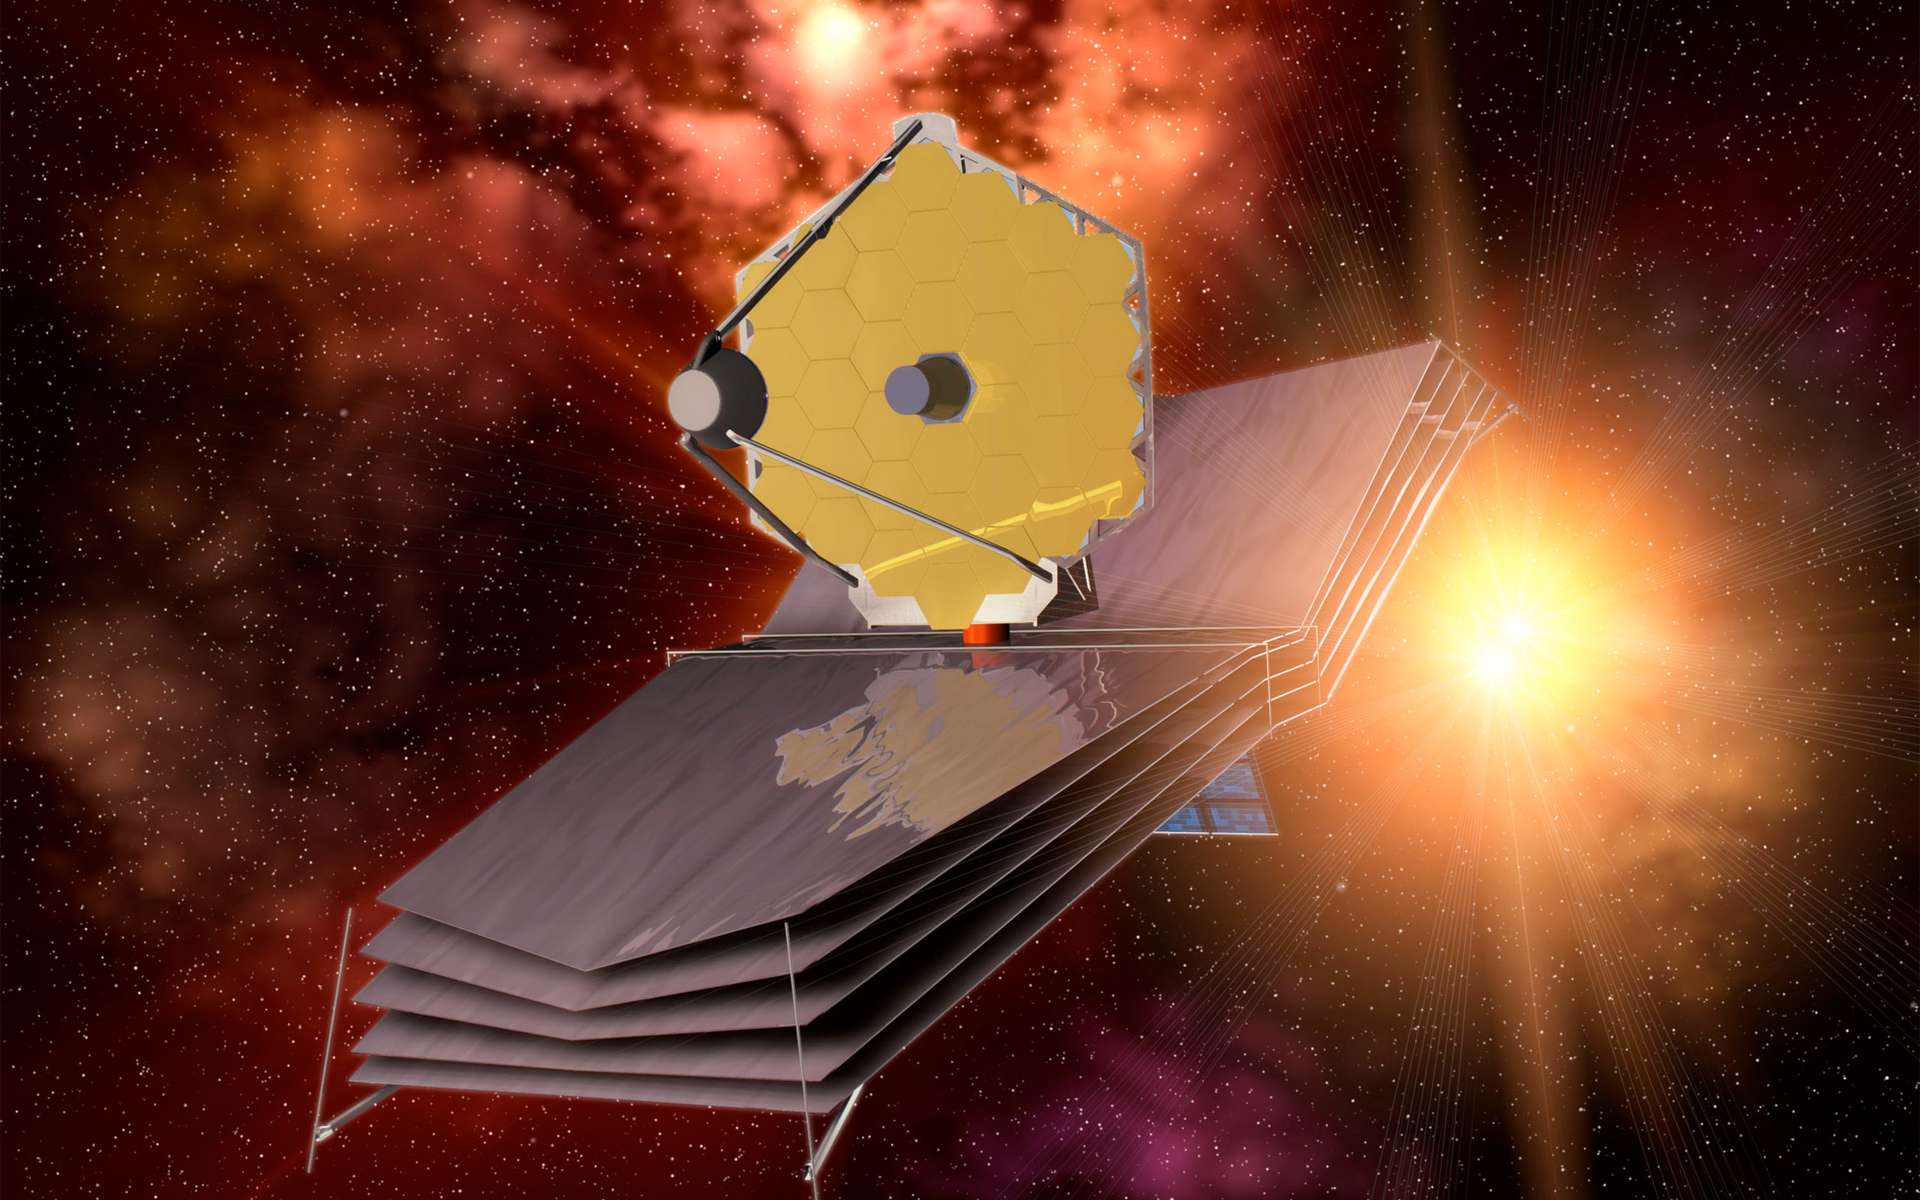 Le télescope spatial James Webb qui doit succéder à Hubble, avec à la clé de formidables avancées scientifiques, pourrait faire les frais de la volonté du Congrès américain de réduire le budget de la Nasa. © Esa